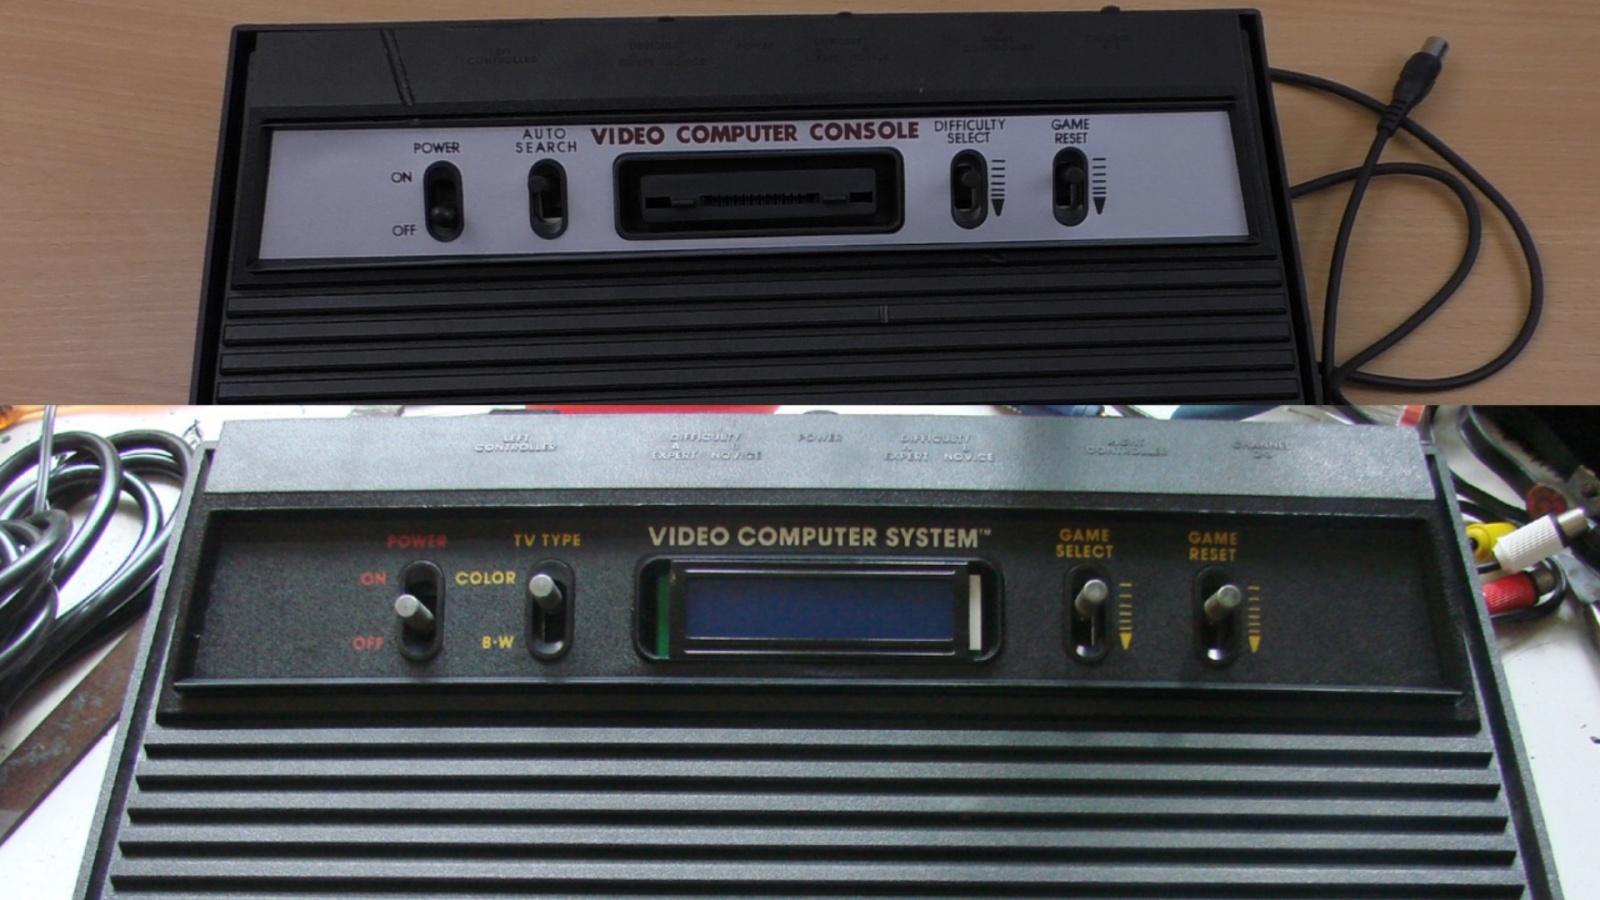 Rambo TV Games (Atari 2600) [статья с кучей фото и капелькой видео] - 17